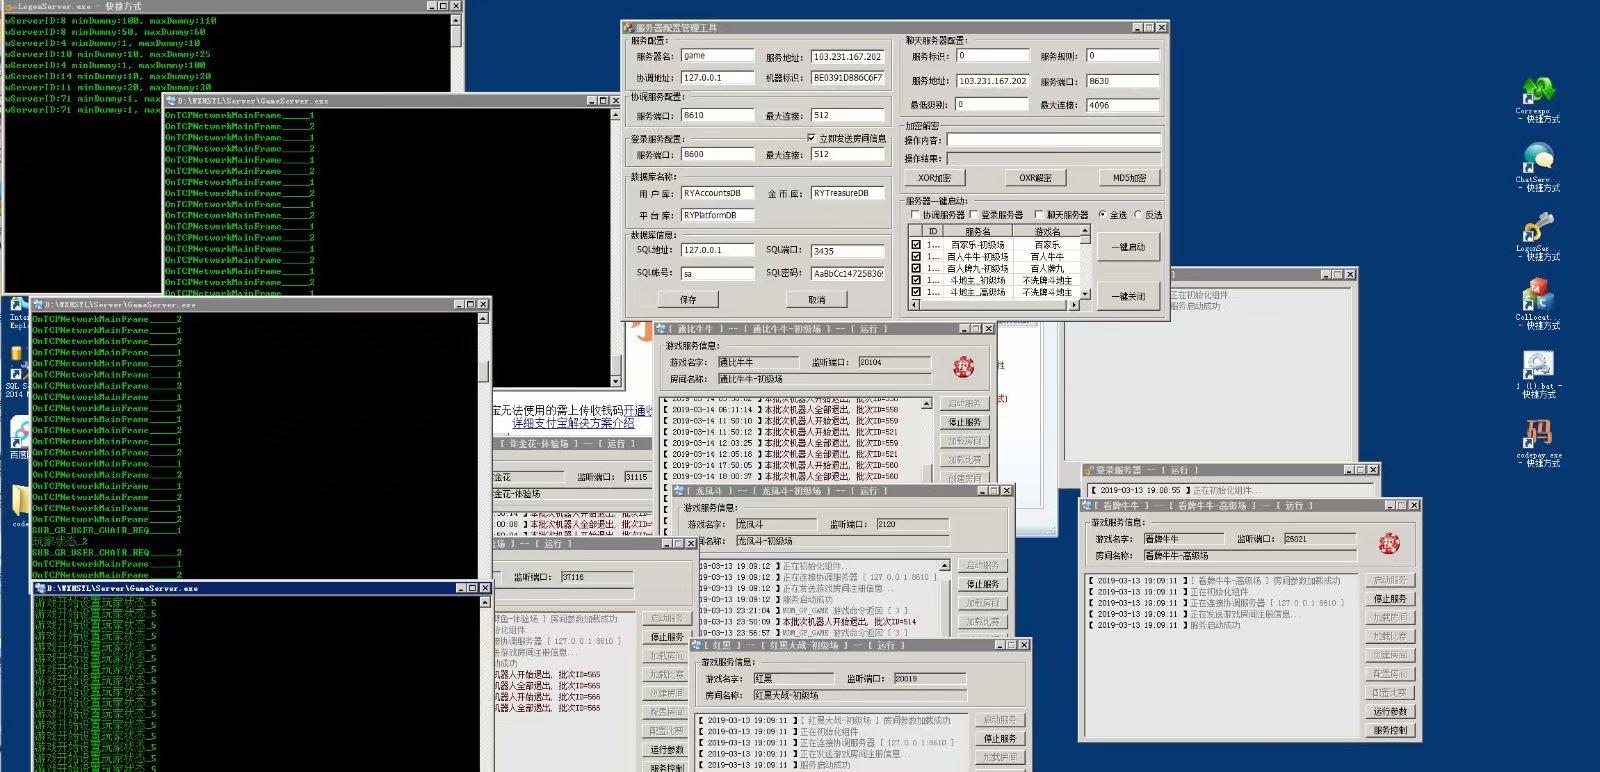 最新红色永利带微信登录+机器人显示微信头像,修复扫码即绑定全民代理,完美运营1:1游戏平台插图(8)